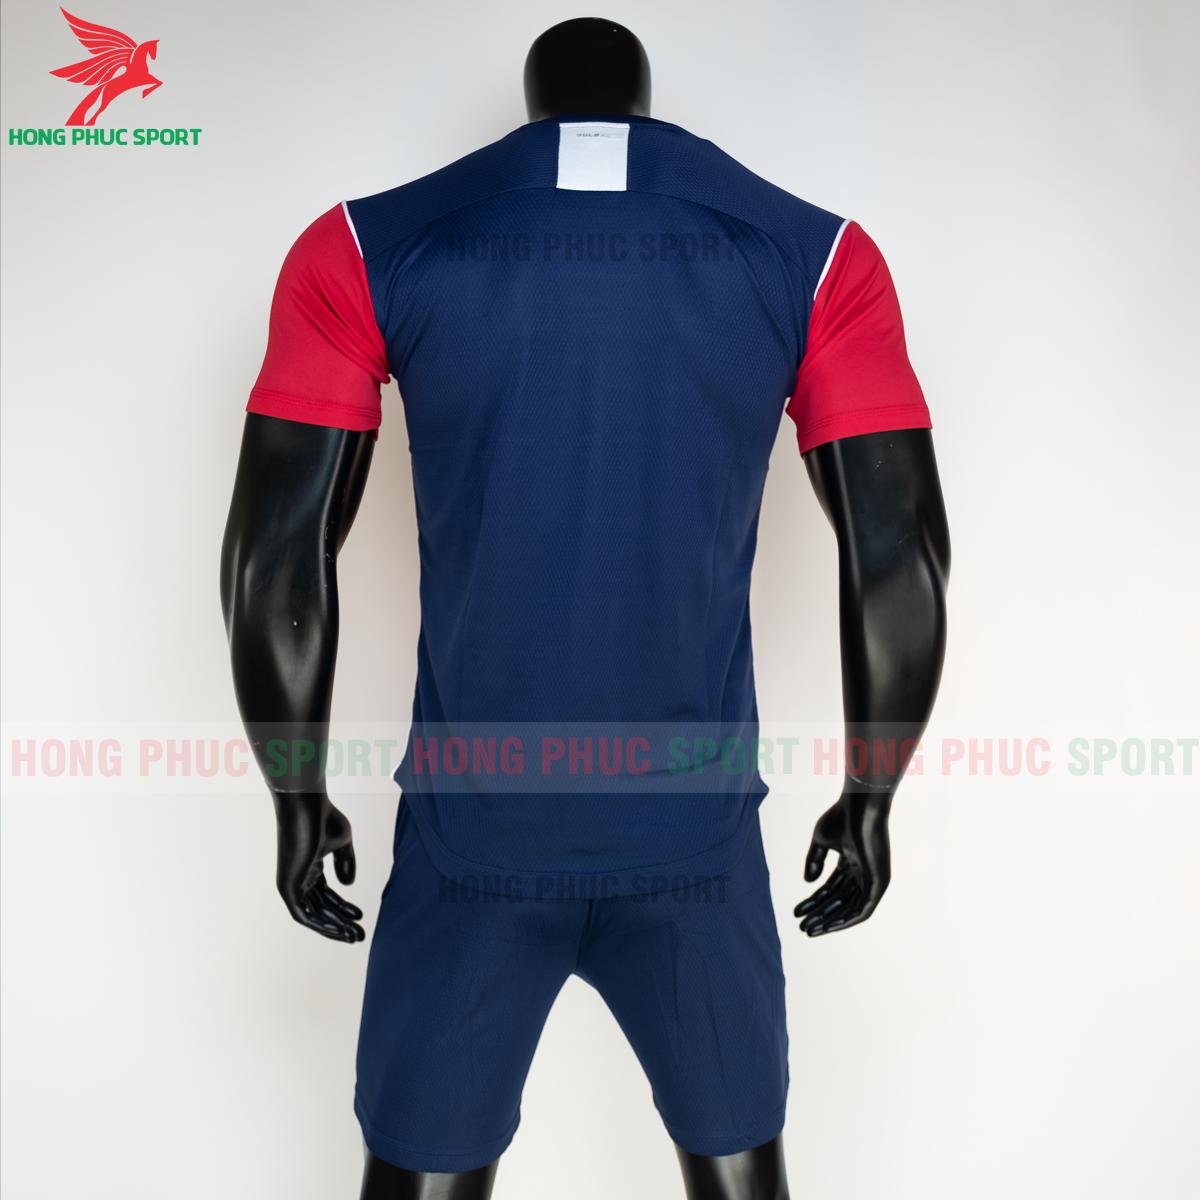 Áo đá banh không logo Bulbal Hades 2021 màu đỏ (sau)